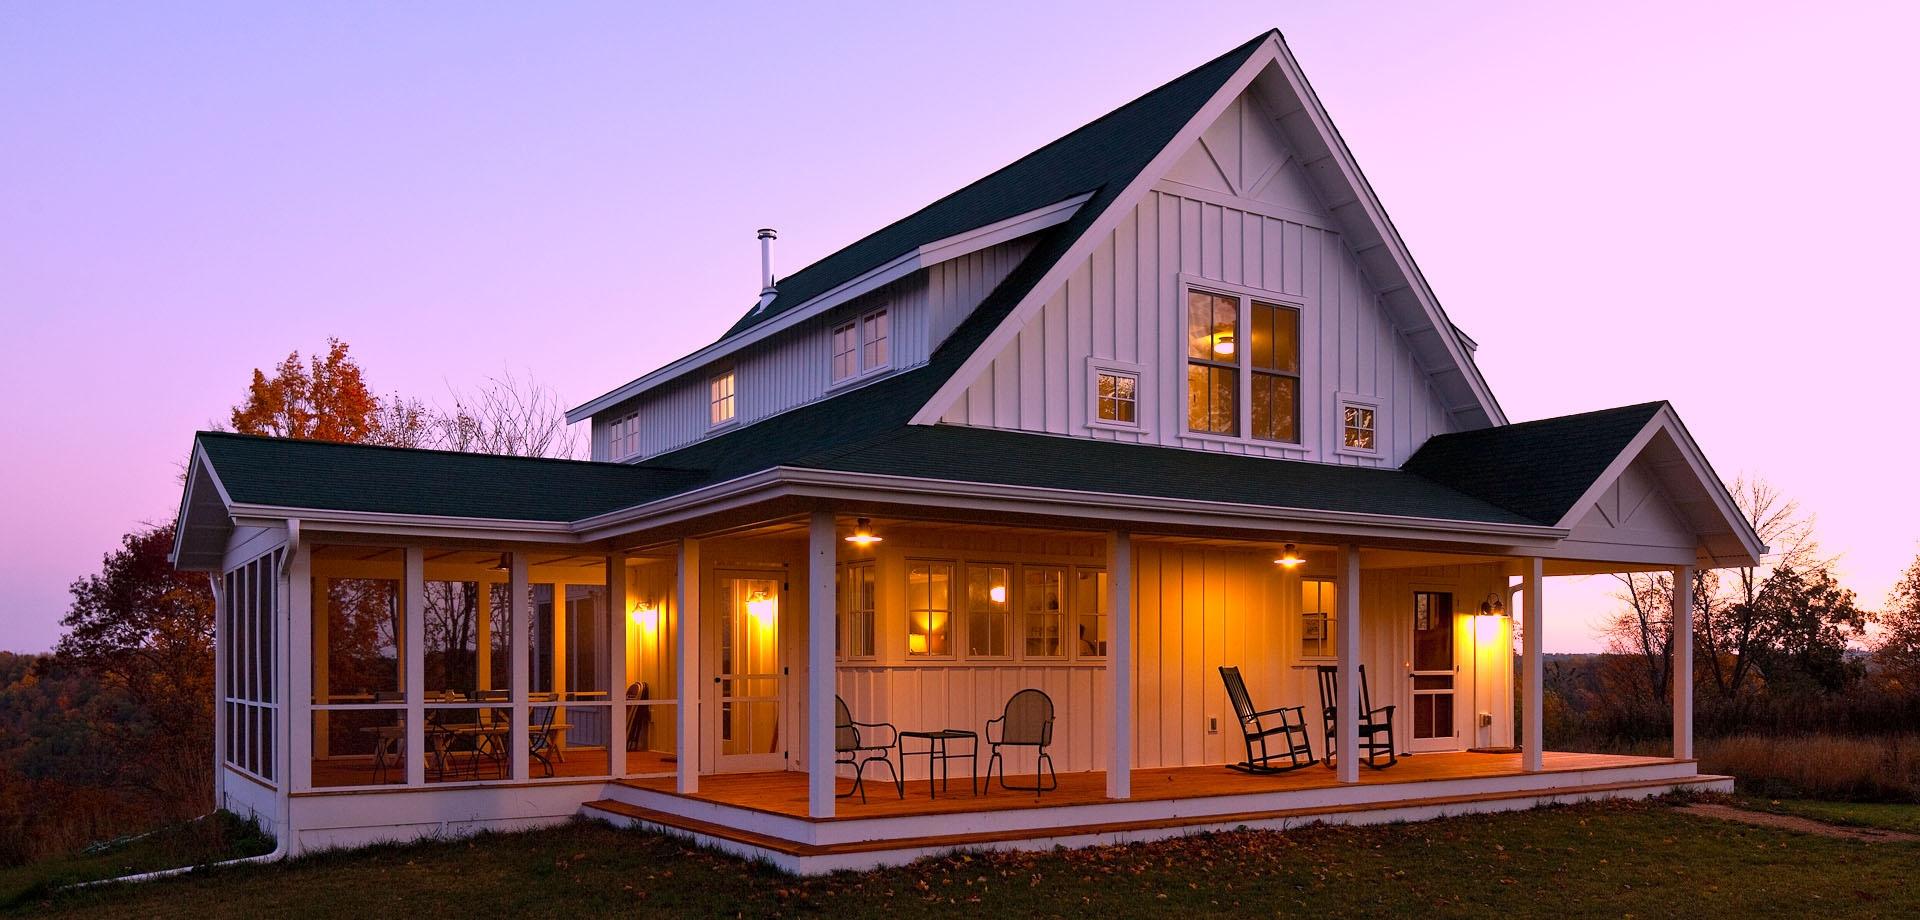 Holly Ridge Farmhouse SALA Architects